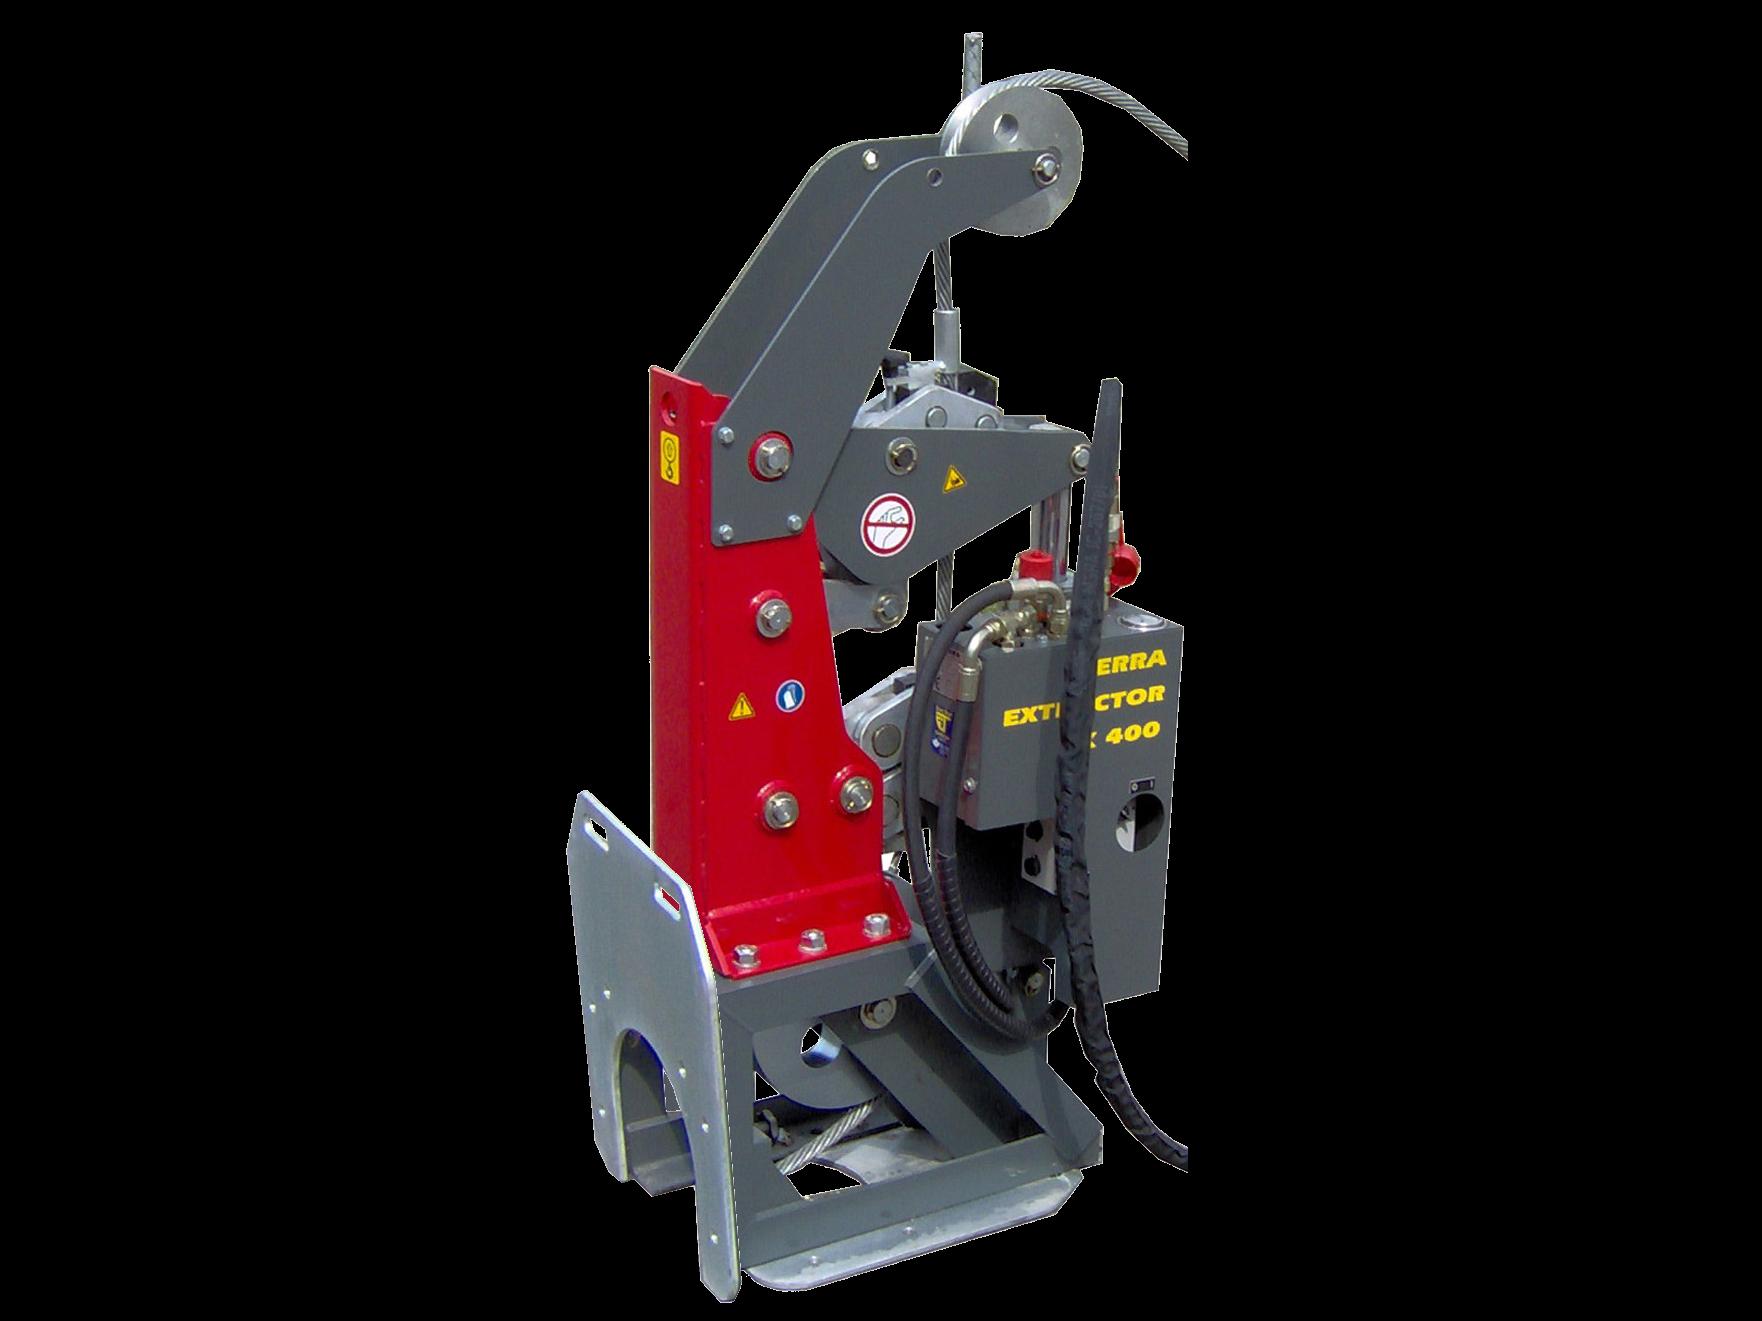 Seilberstanlage (english: cableburster) TERRA EXTRACTOR X 400